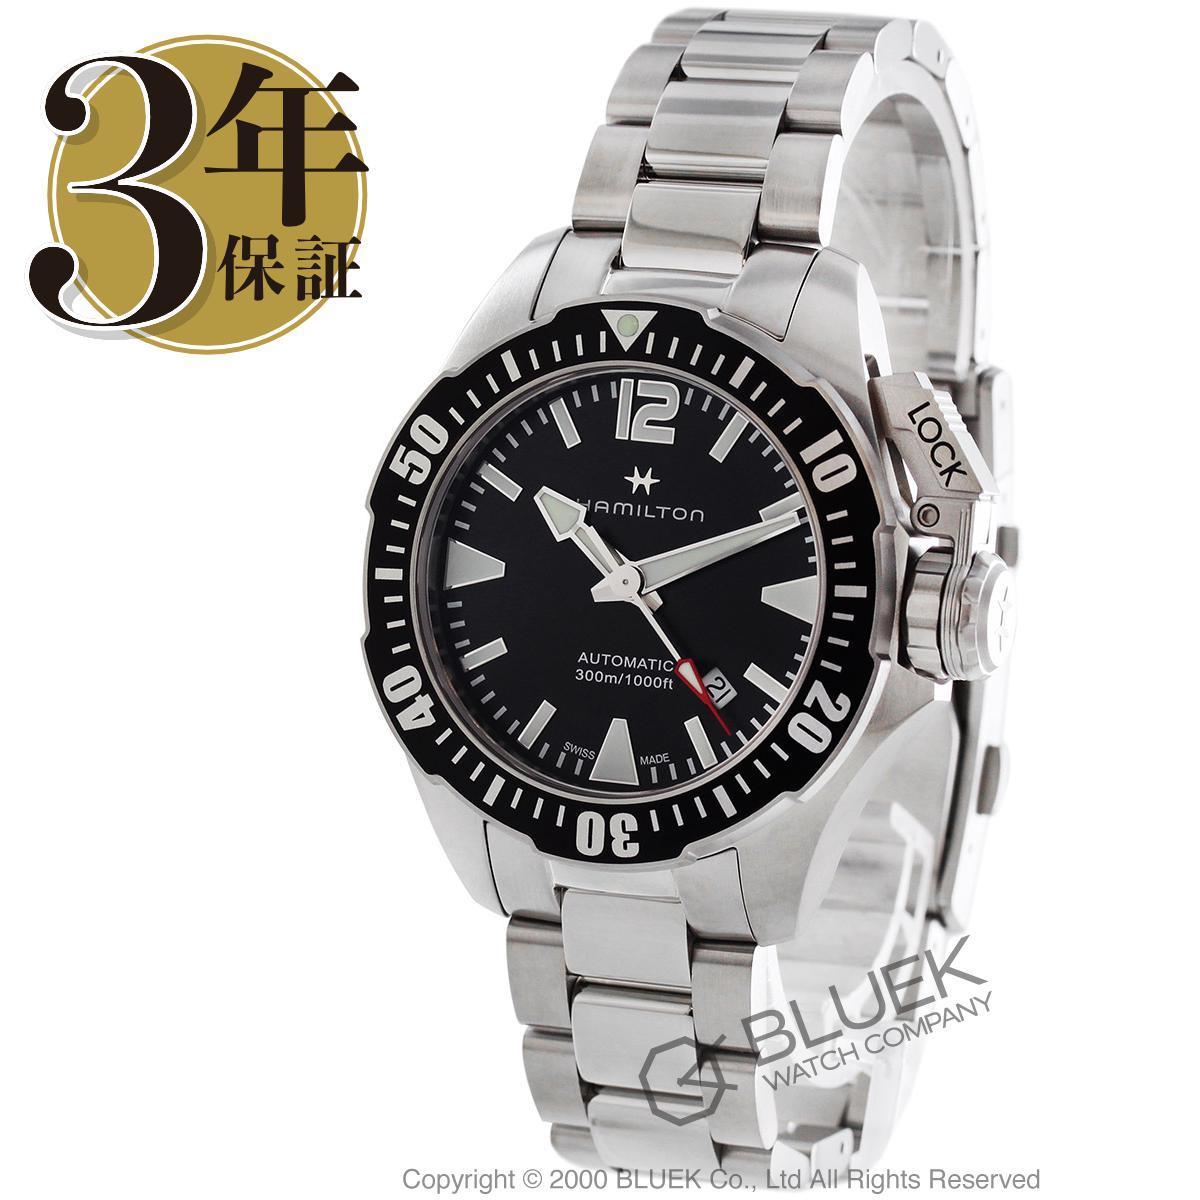 ハミルトン カーキ ネイビー オープンウォーター 300m防水 腕時計 メンズ HAMILTON H77605135_3